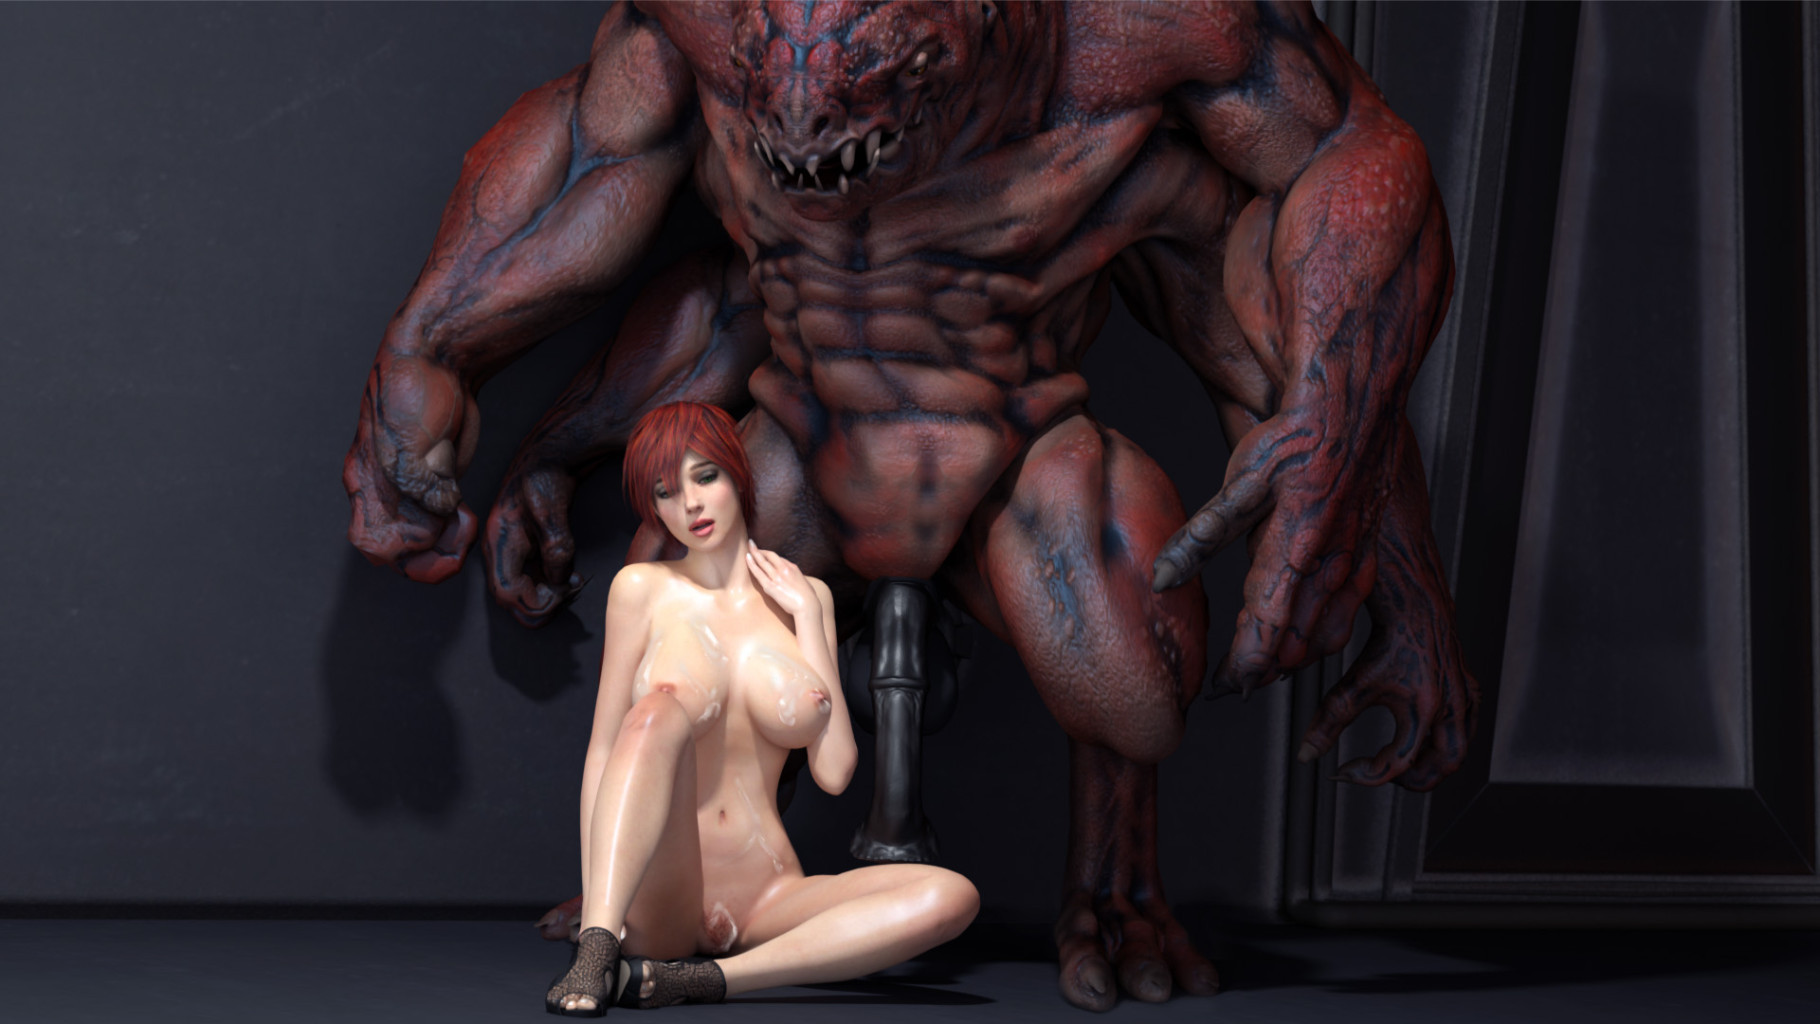 Пришельцы порно смотреть онлайн, С пришельцами - бесплатное порно онлайн, смотреть 13 фотография